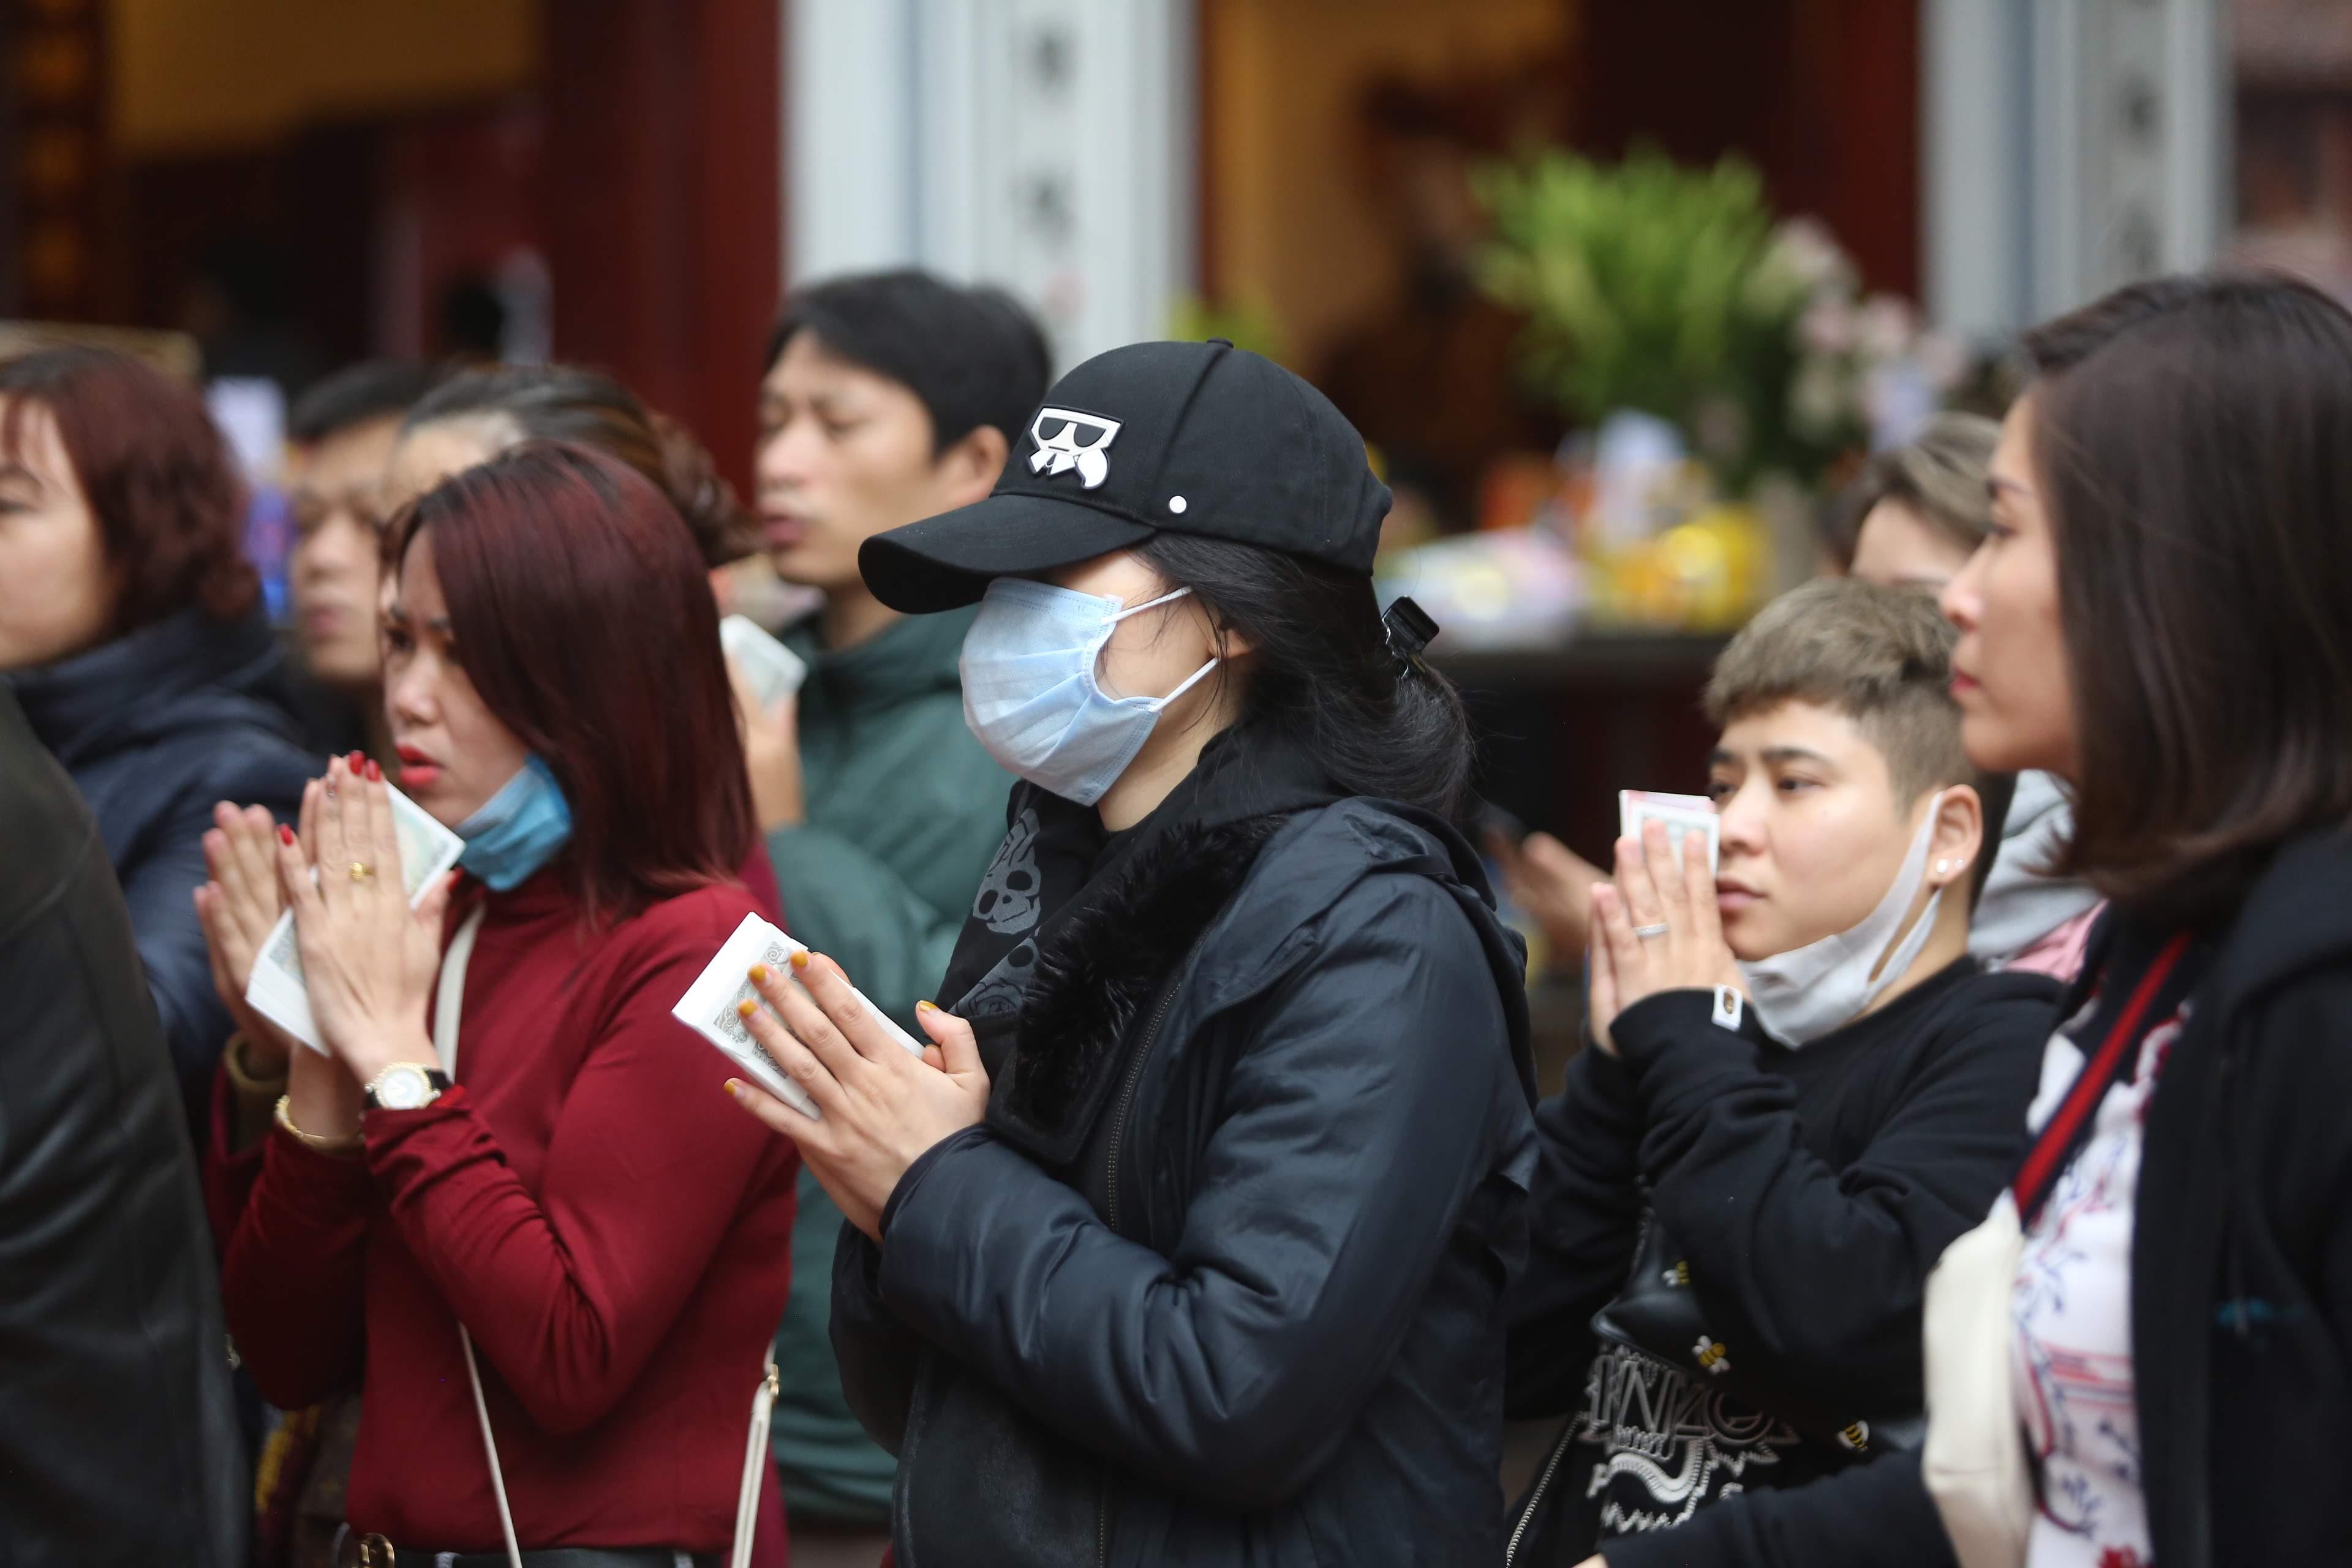 Phần lớn người dân vào lễ không đeo khẩu trang hoặc sử dụng không đúng cách.